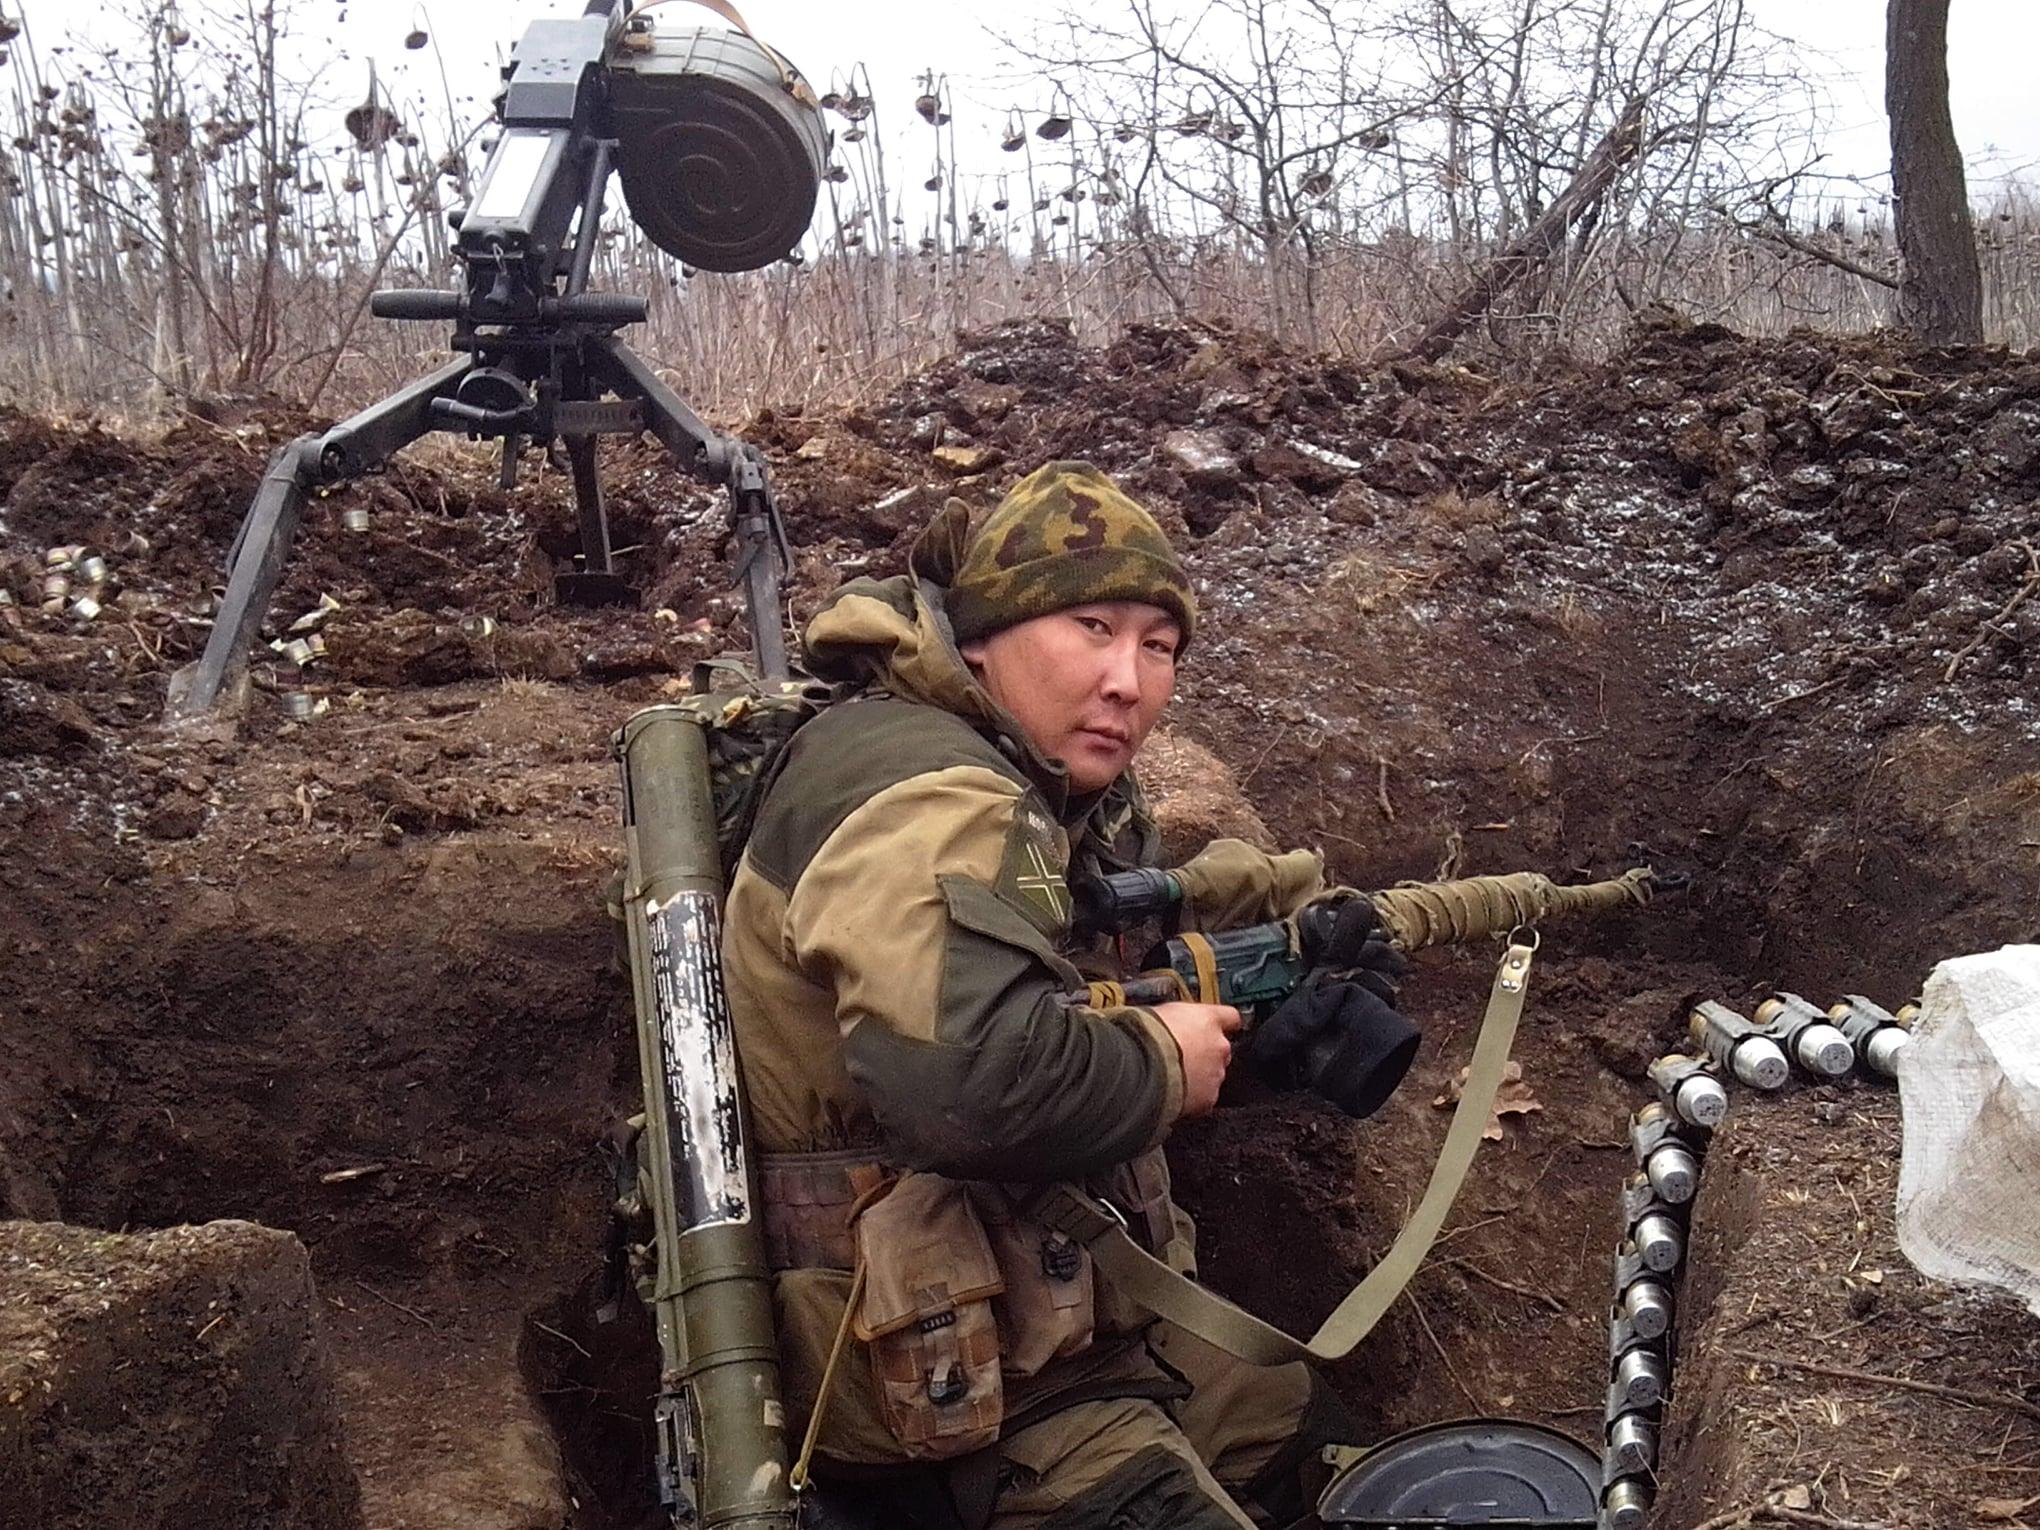 """Военные показали снимки """"восставших шахтеров Донбасса"""" активной фазы войны:  фото - новости Украины, Мир - LIGA.net"""